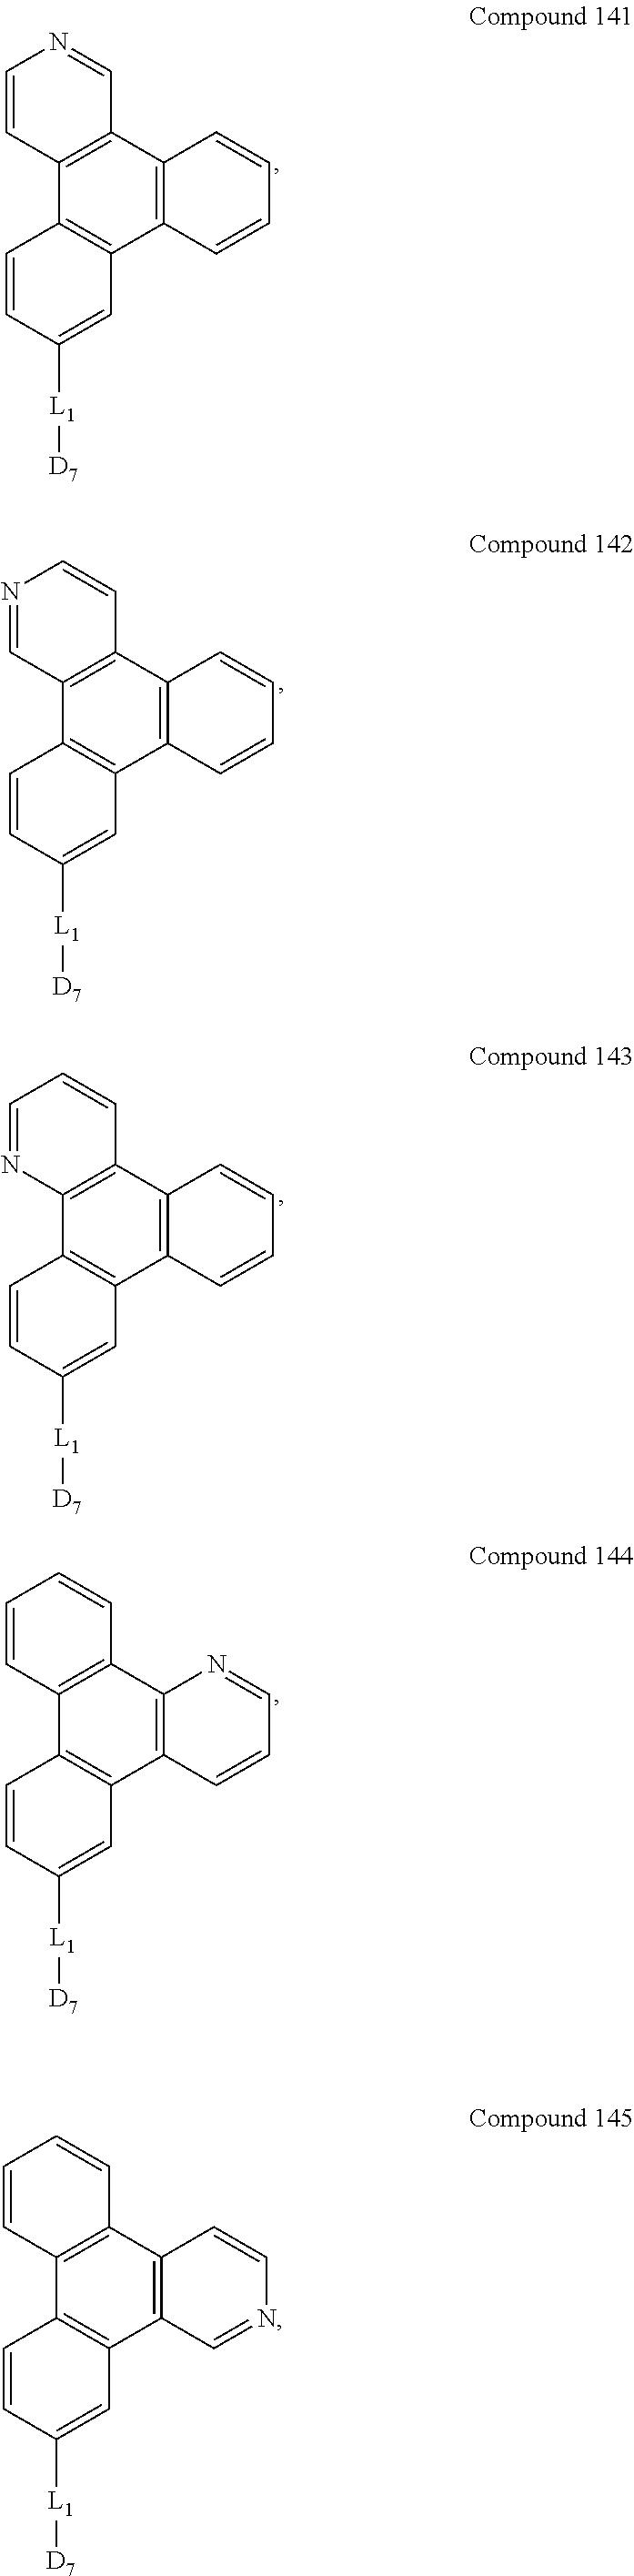 Figure US09537106-20170103-C00515